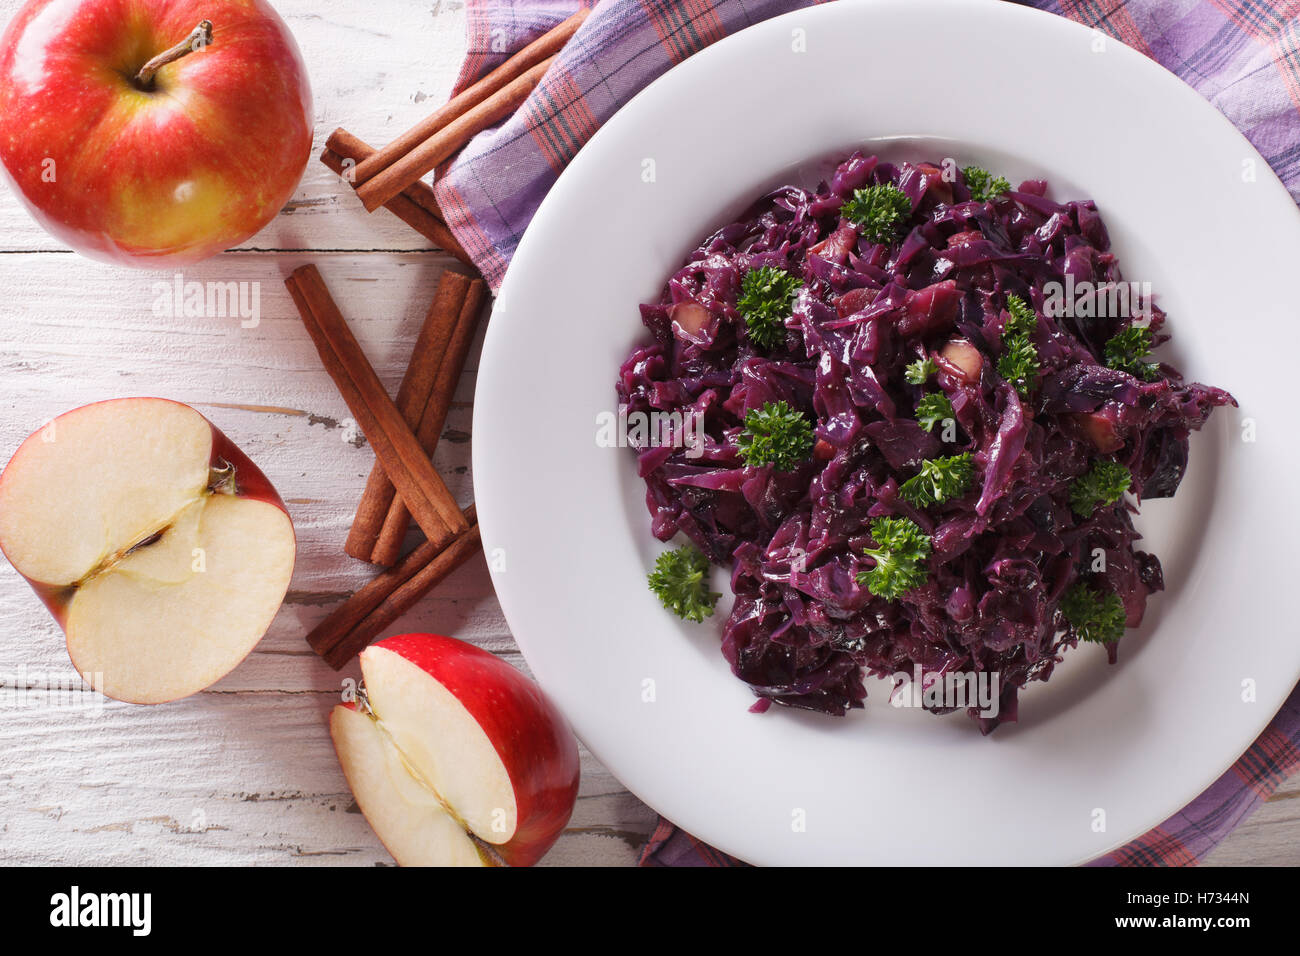 geschmorter Rotkohl mit Äpfeln hautnah auf einem Teller. Horizontale Ansicht von oben Stockbild